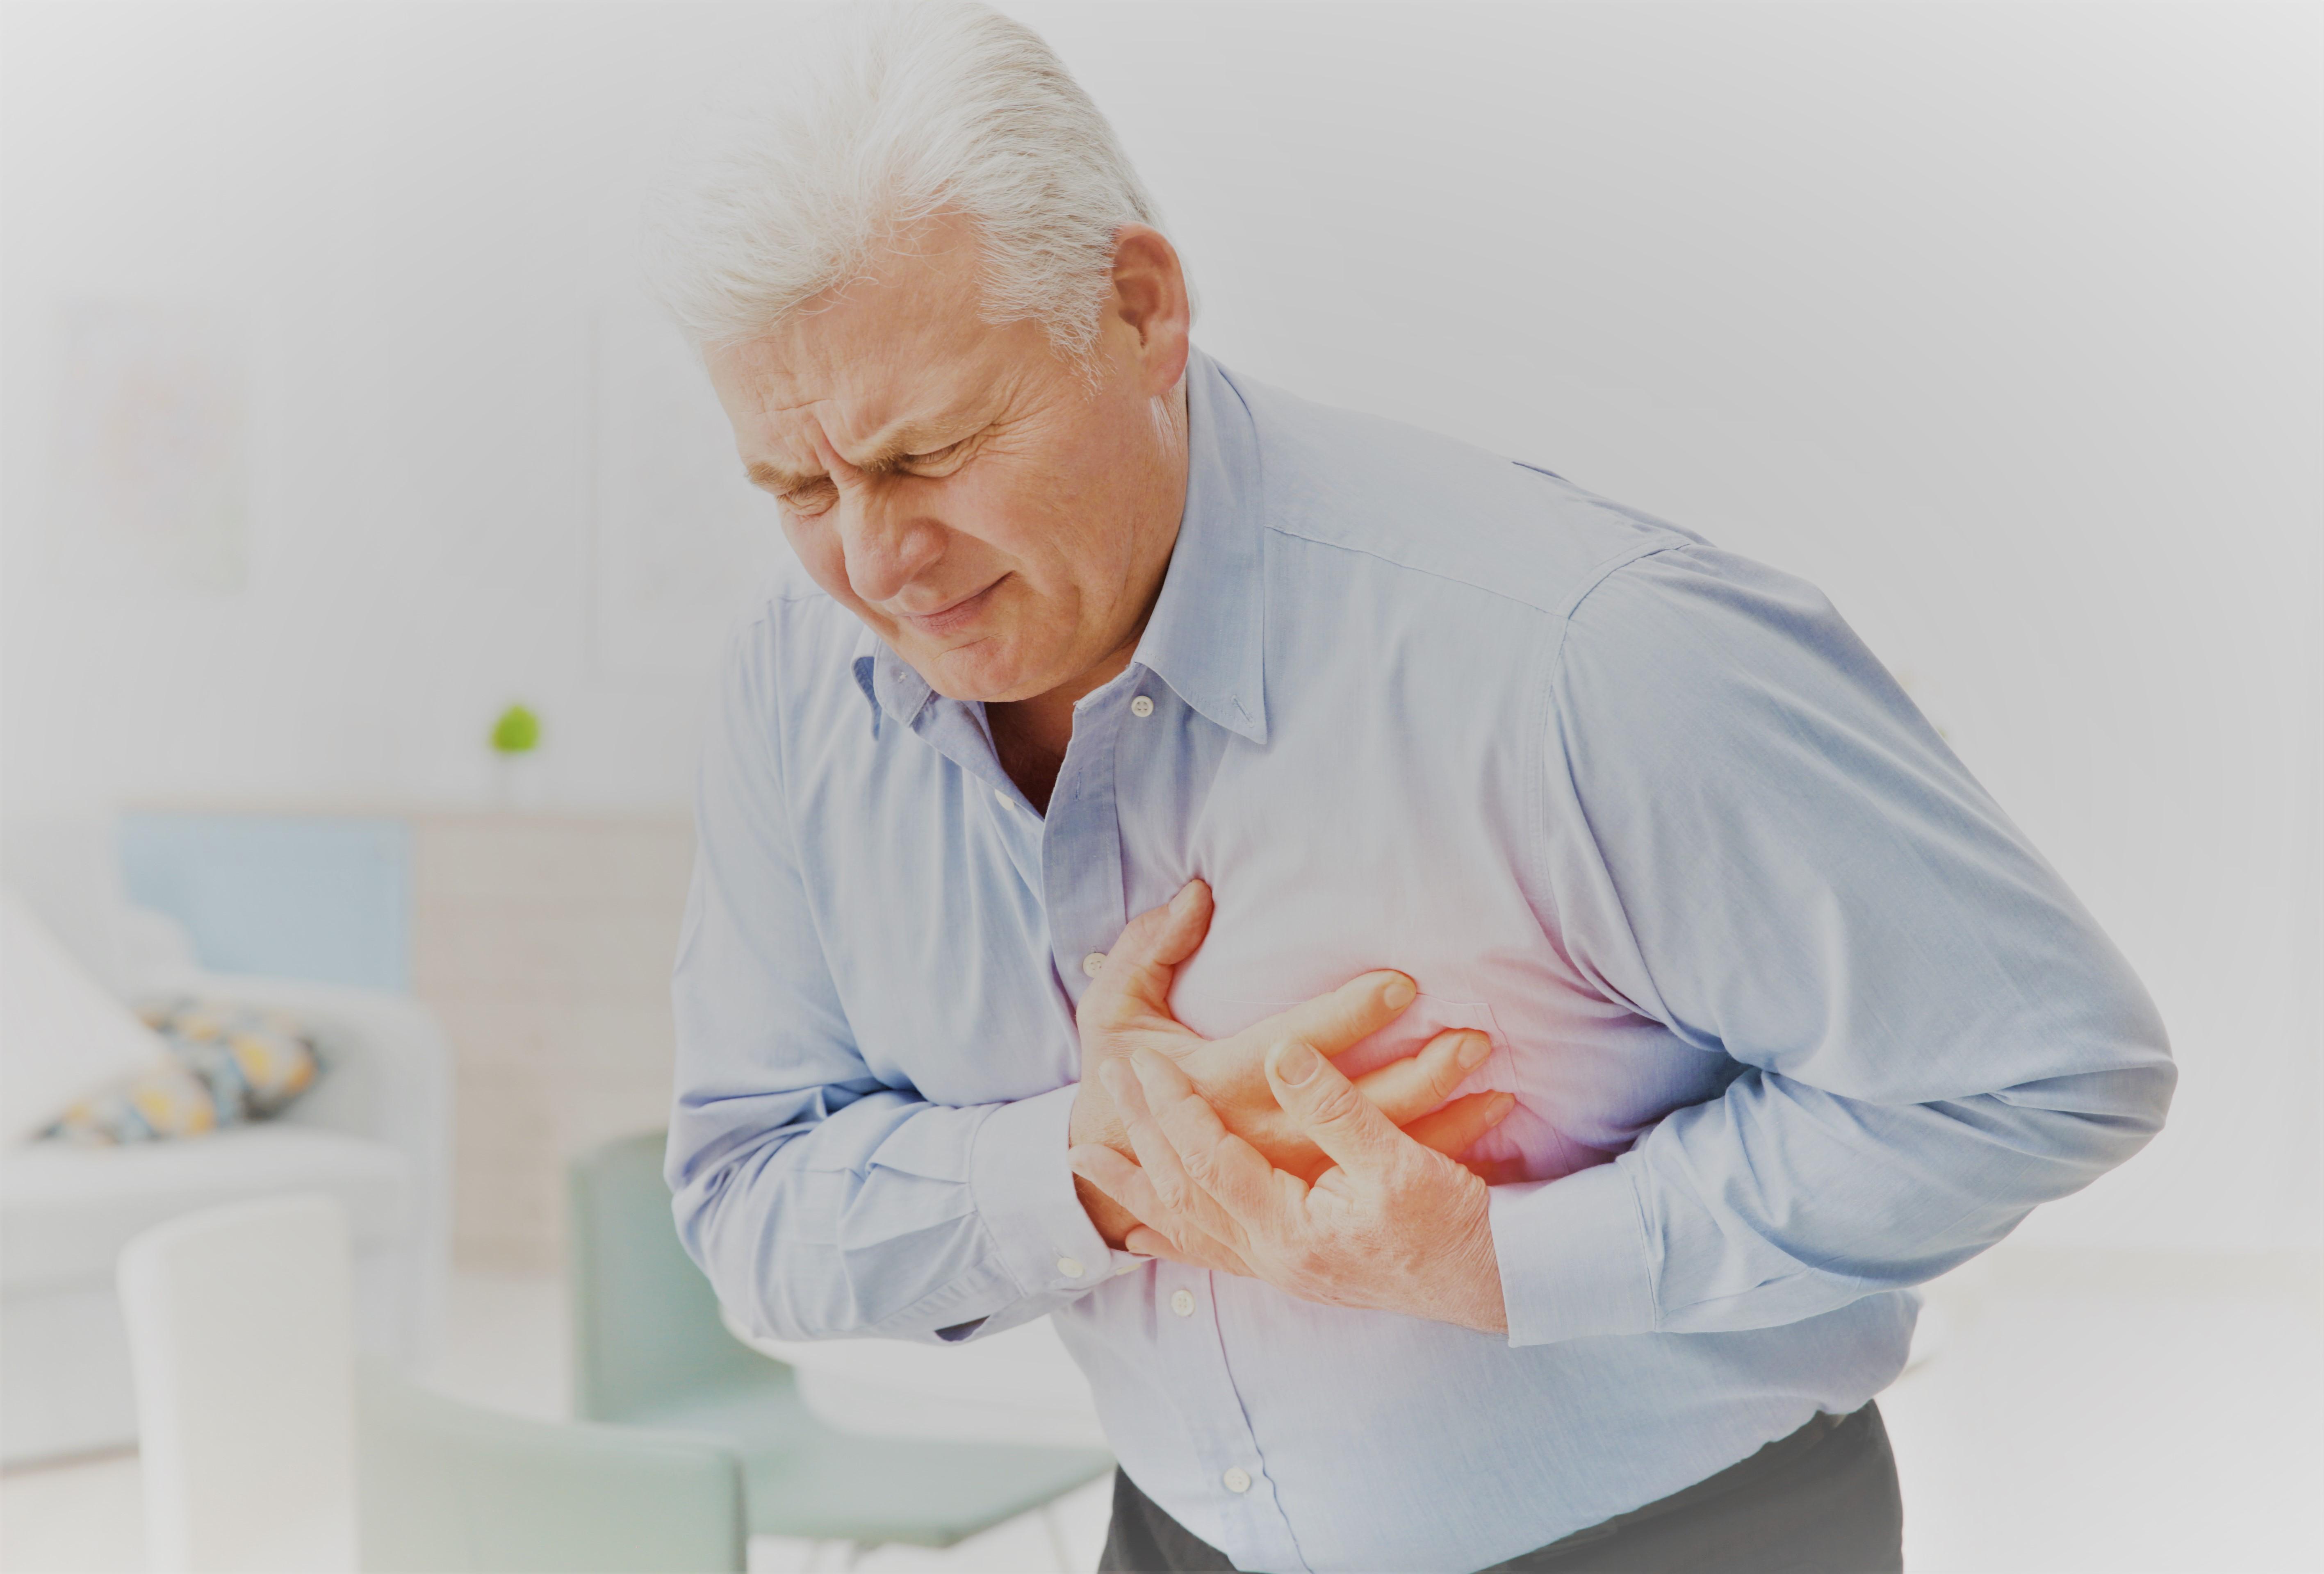 ízületek diszlokációi diszlokációk típusú károsodások jelei a láb lézeres kezelés artrózisa